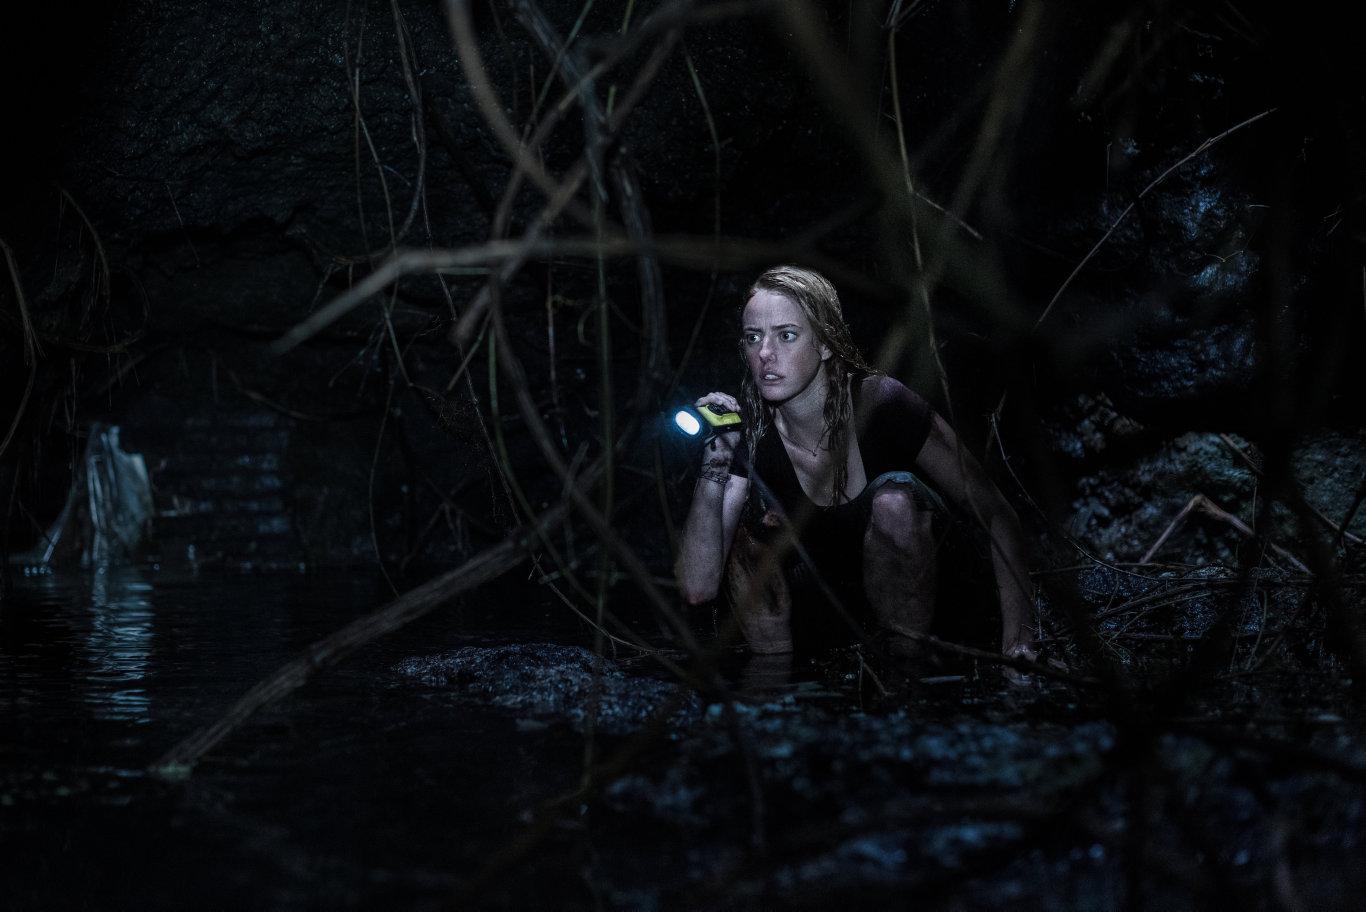 Kaya Scodelario in a scene from the movie Crawl.